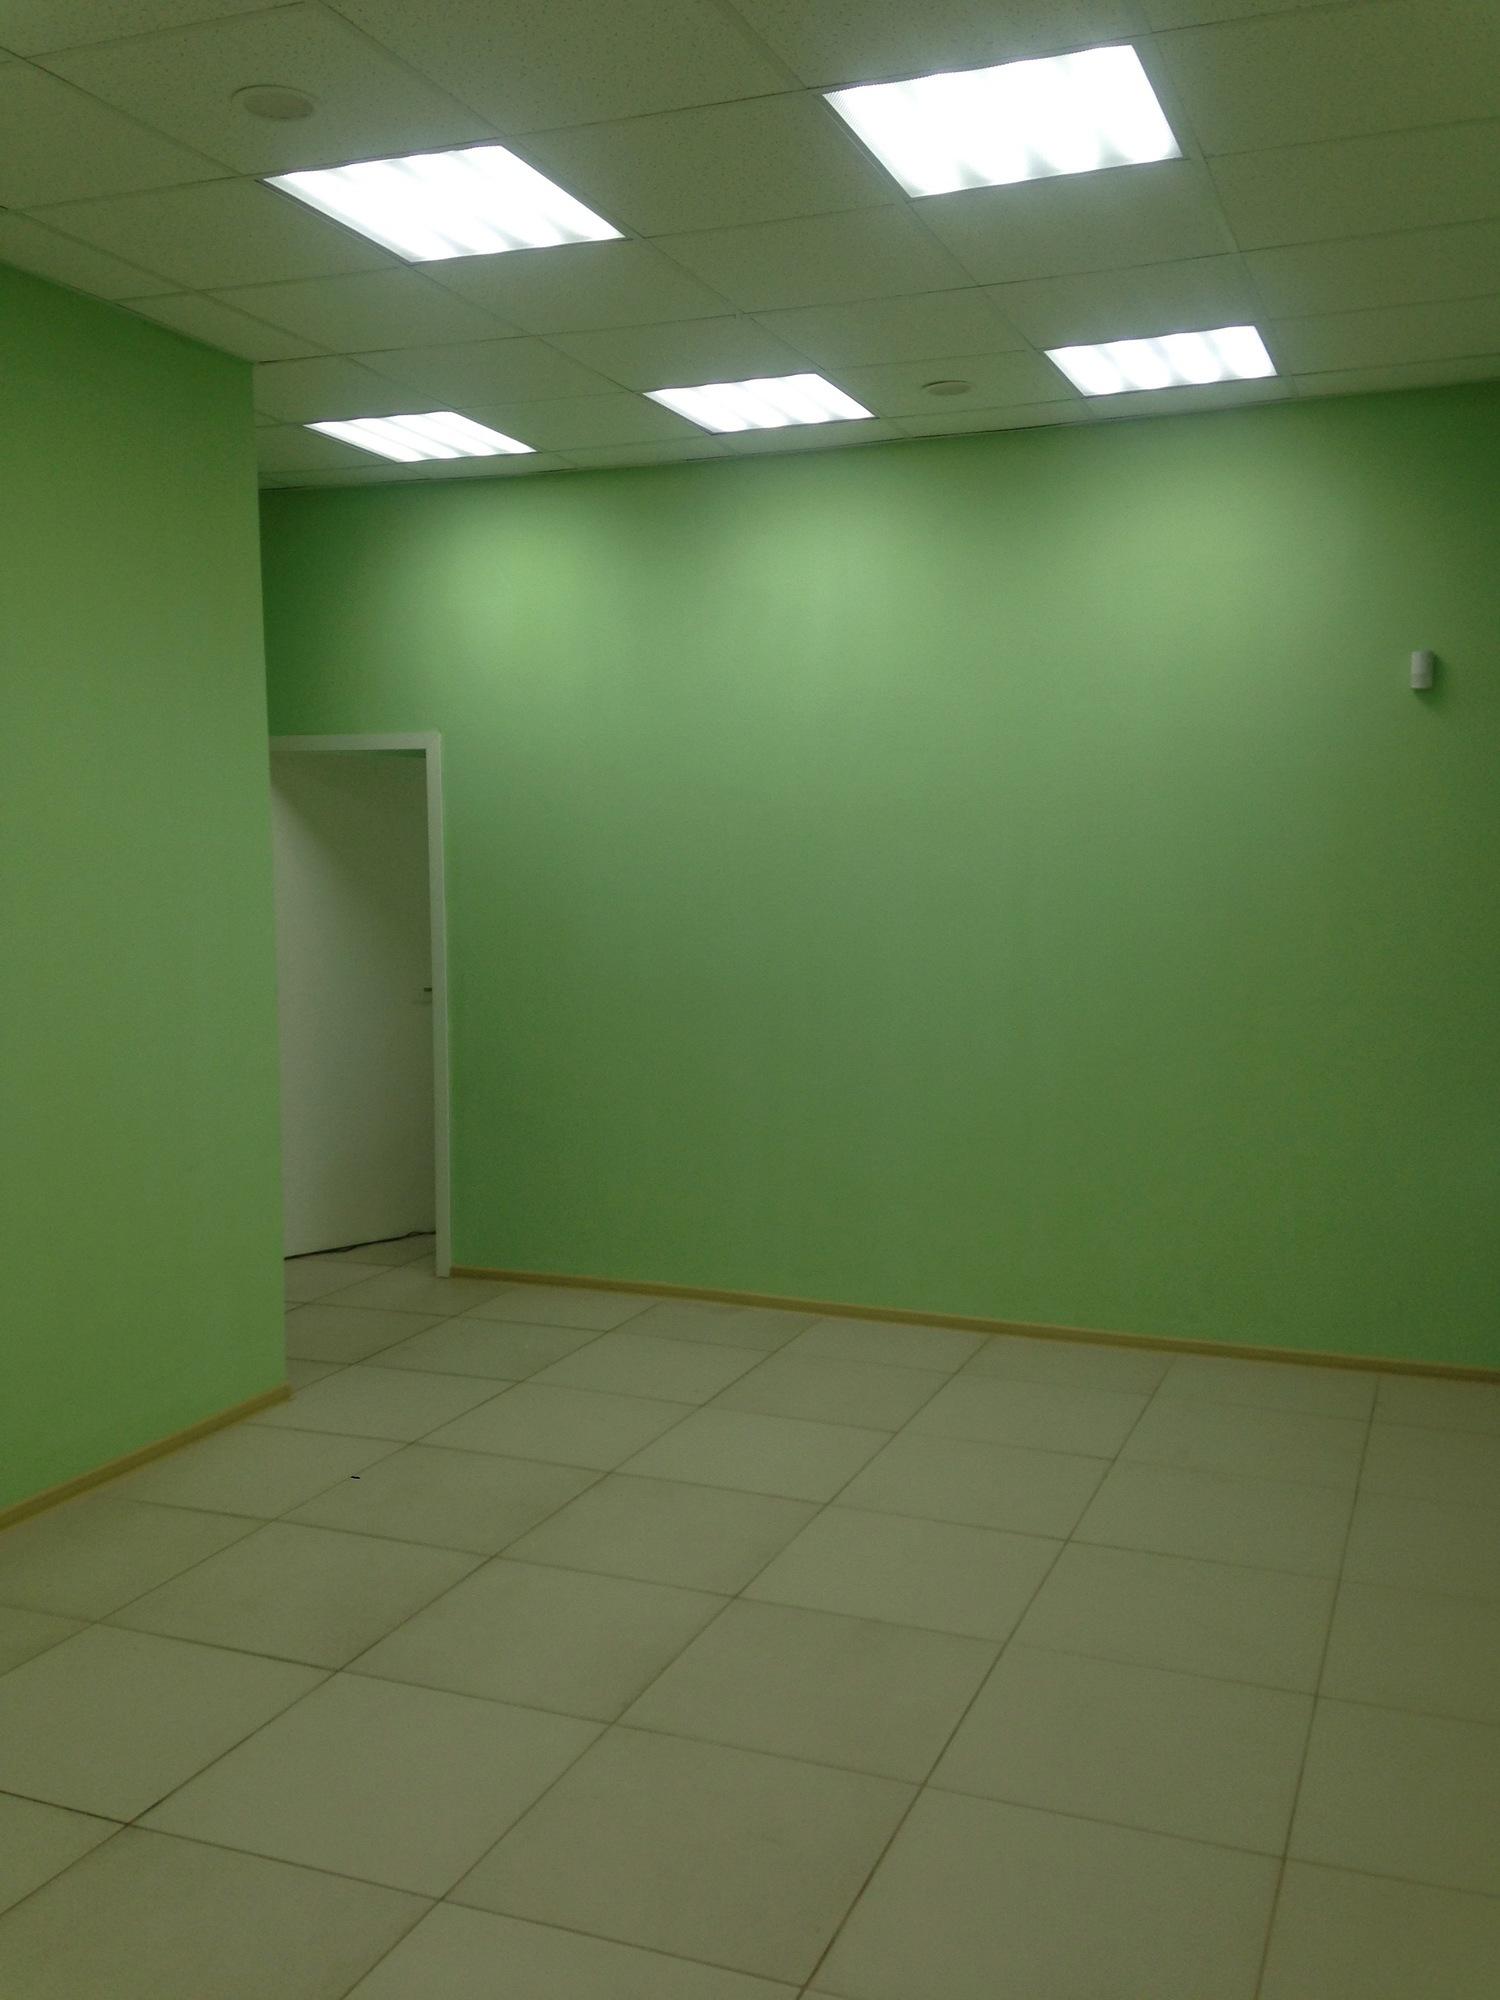 Москва аренда офиса метро сходненская консалтинг в сфере коммерческой недвижимости это